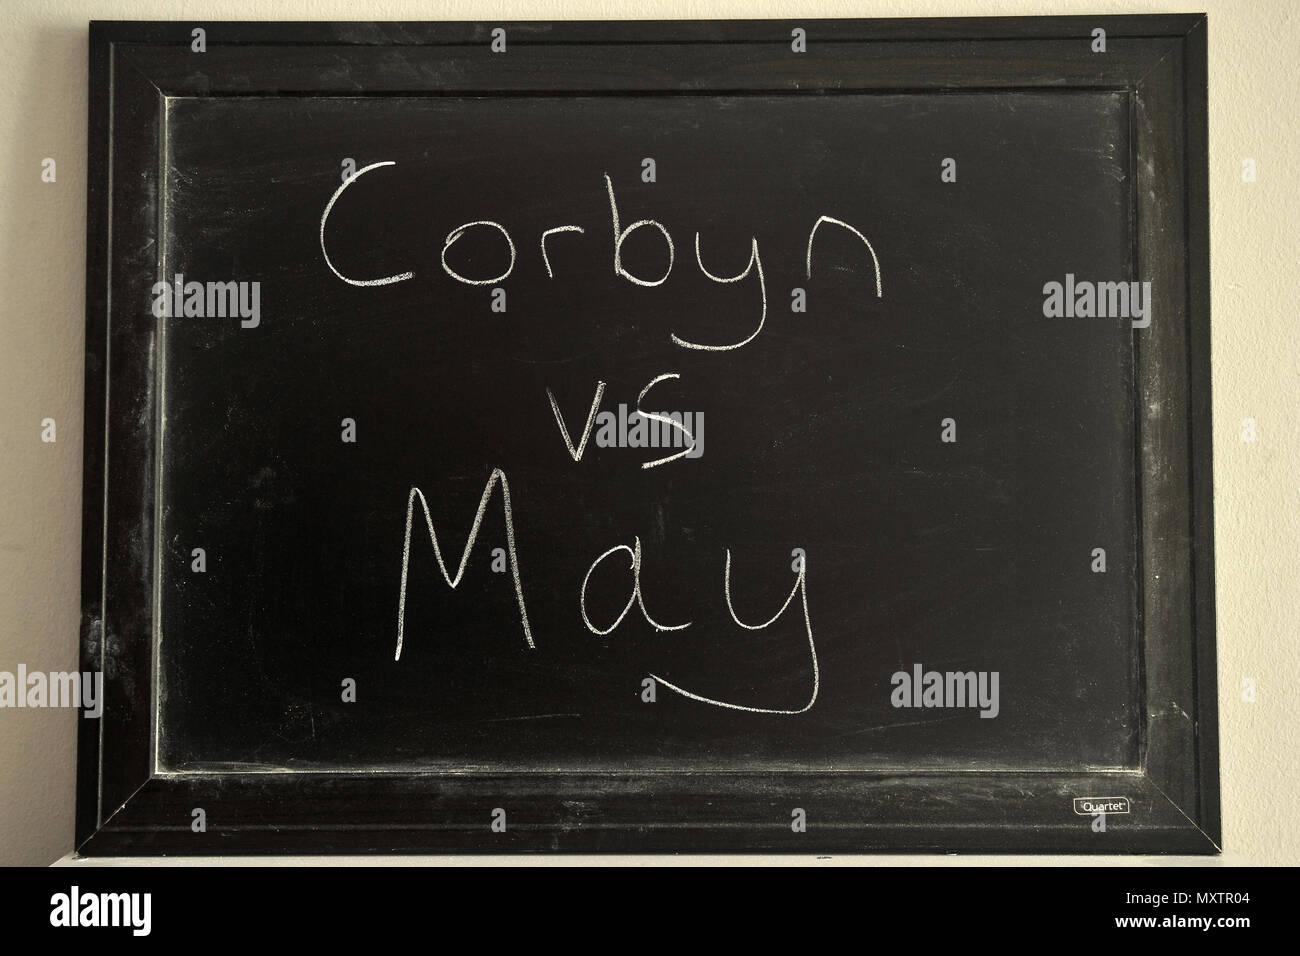 Corbyn vs May written in white chalk on a blackboard. - Stock Image